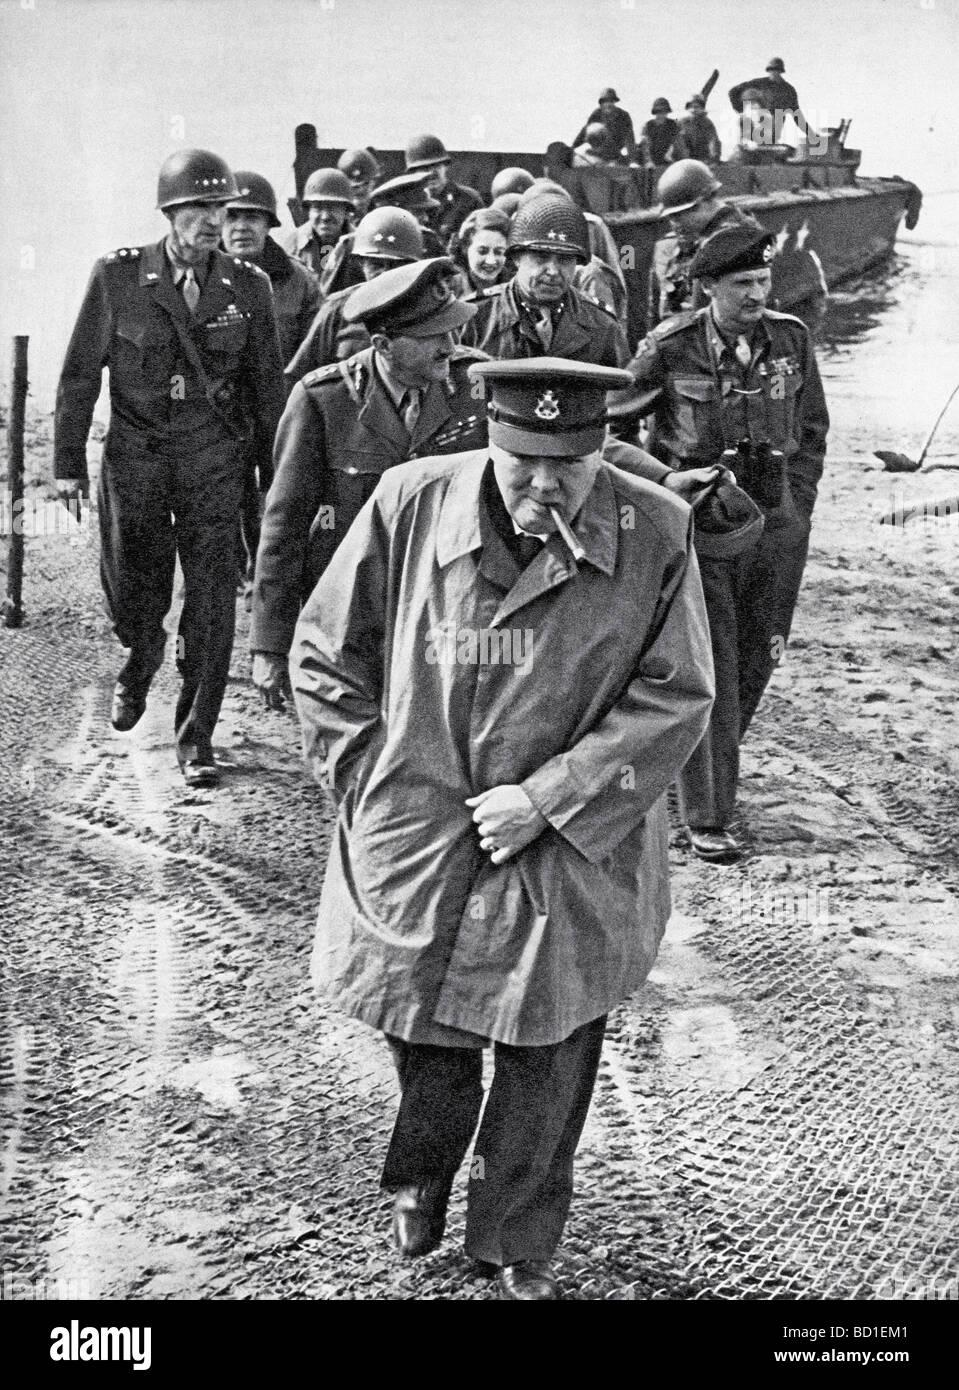 WINSTON CHURCHILL attraversa il Reno il 25 marzo 1945 con noi e British generals - vedere la descrizione riportata Immagini Stock